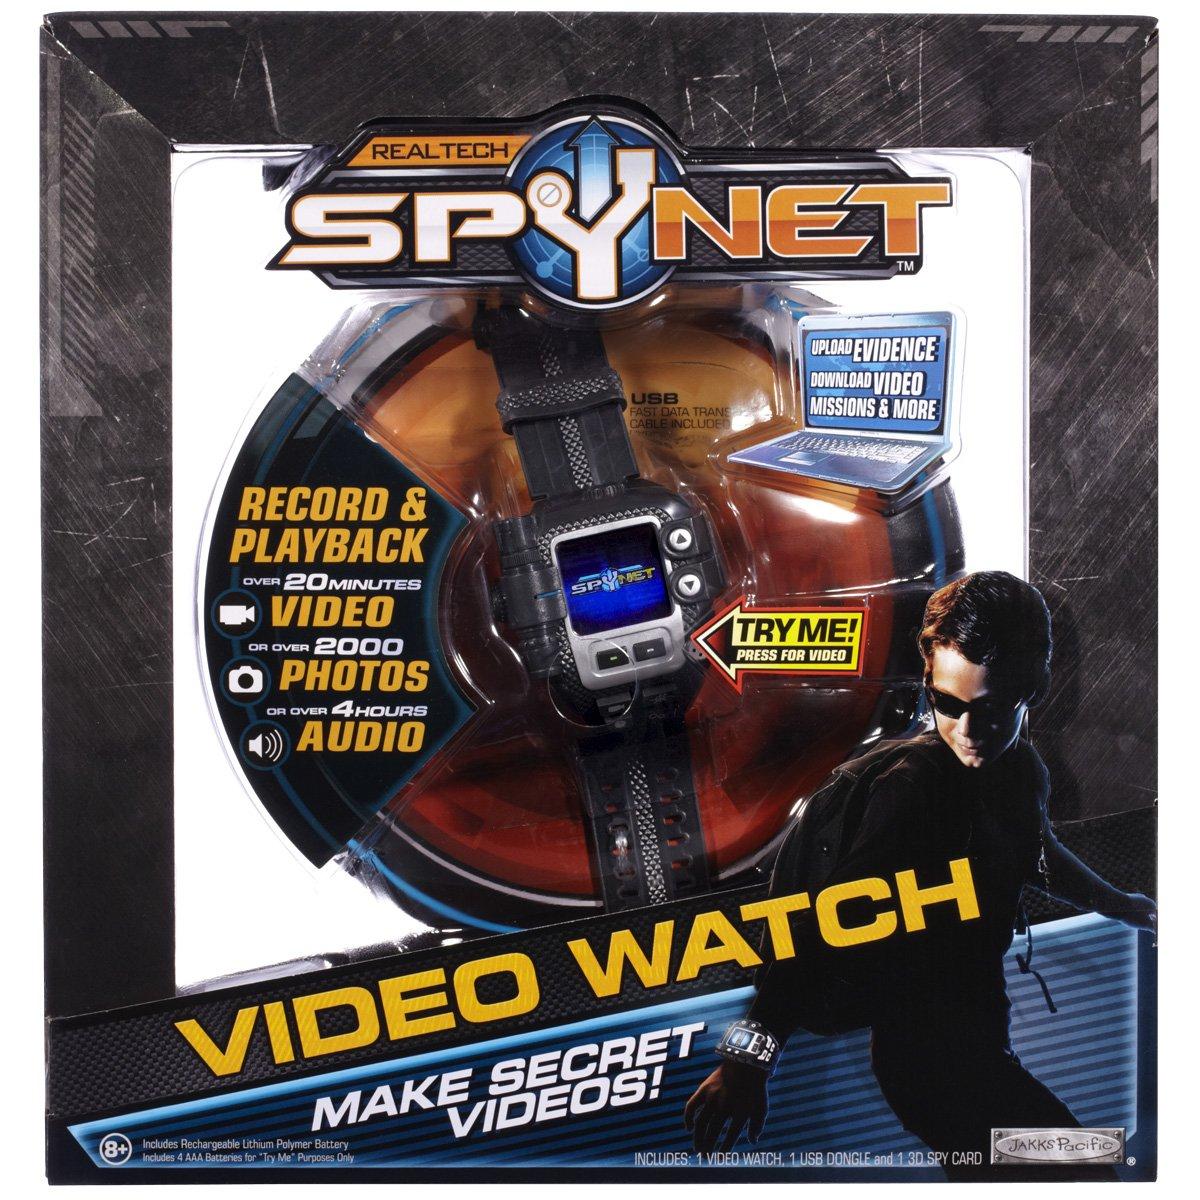 SpyNet Secret Mission Video Watch